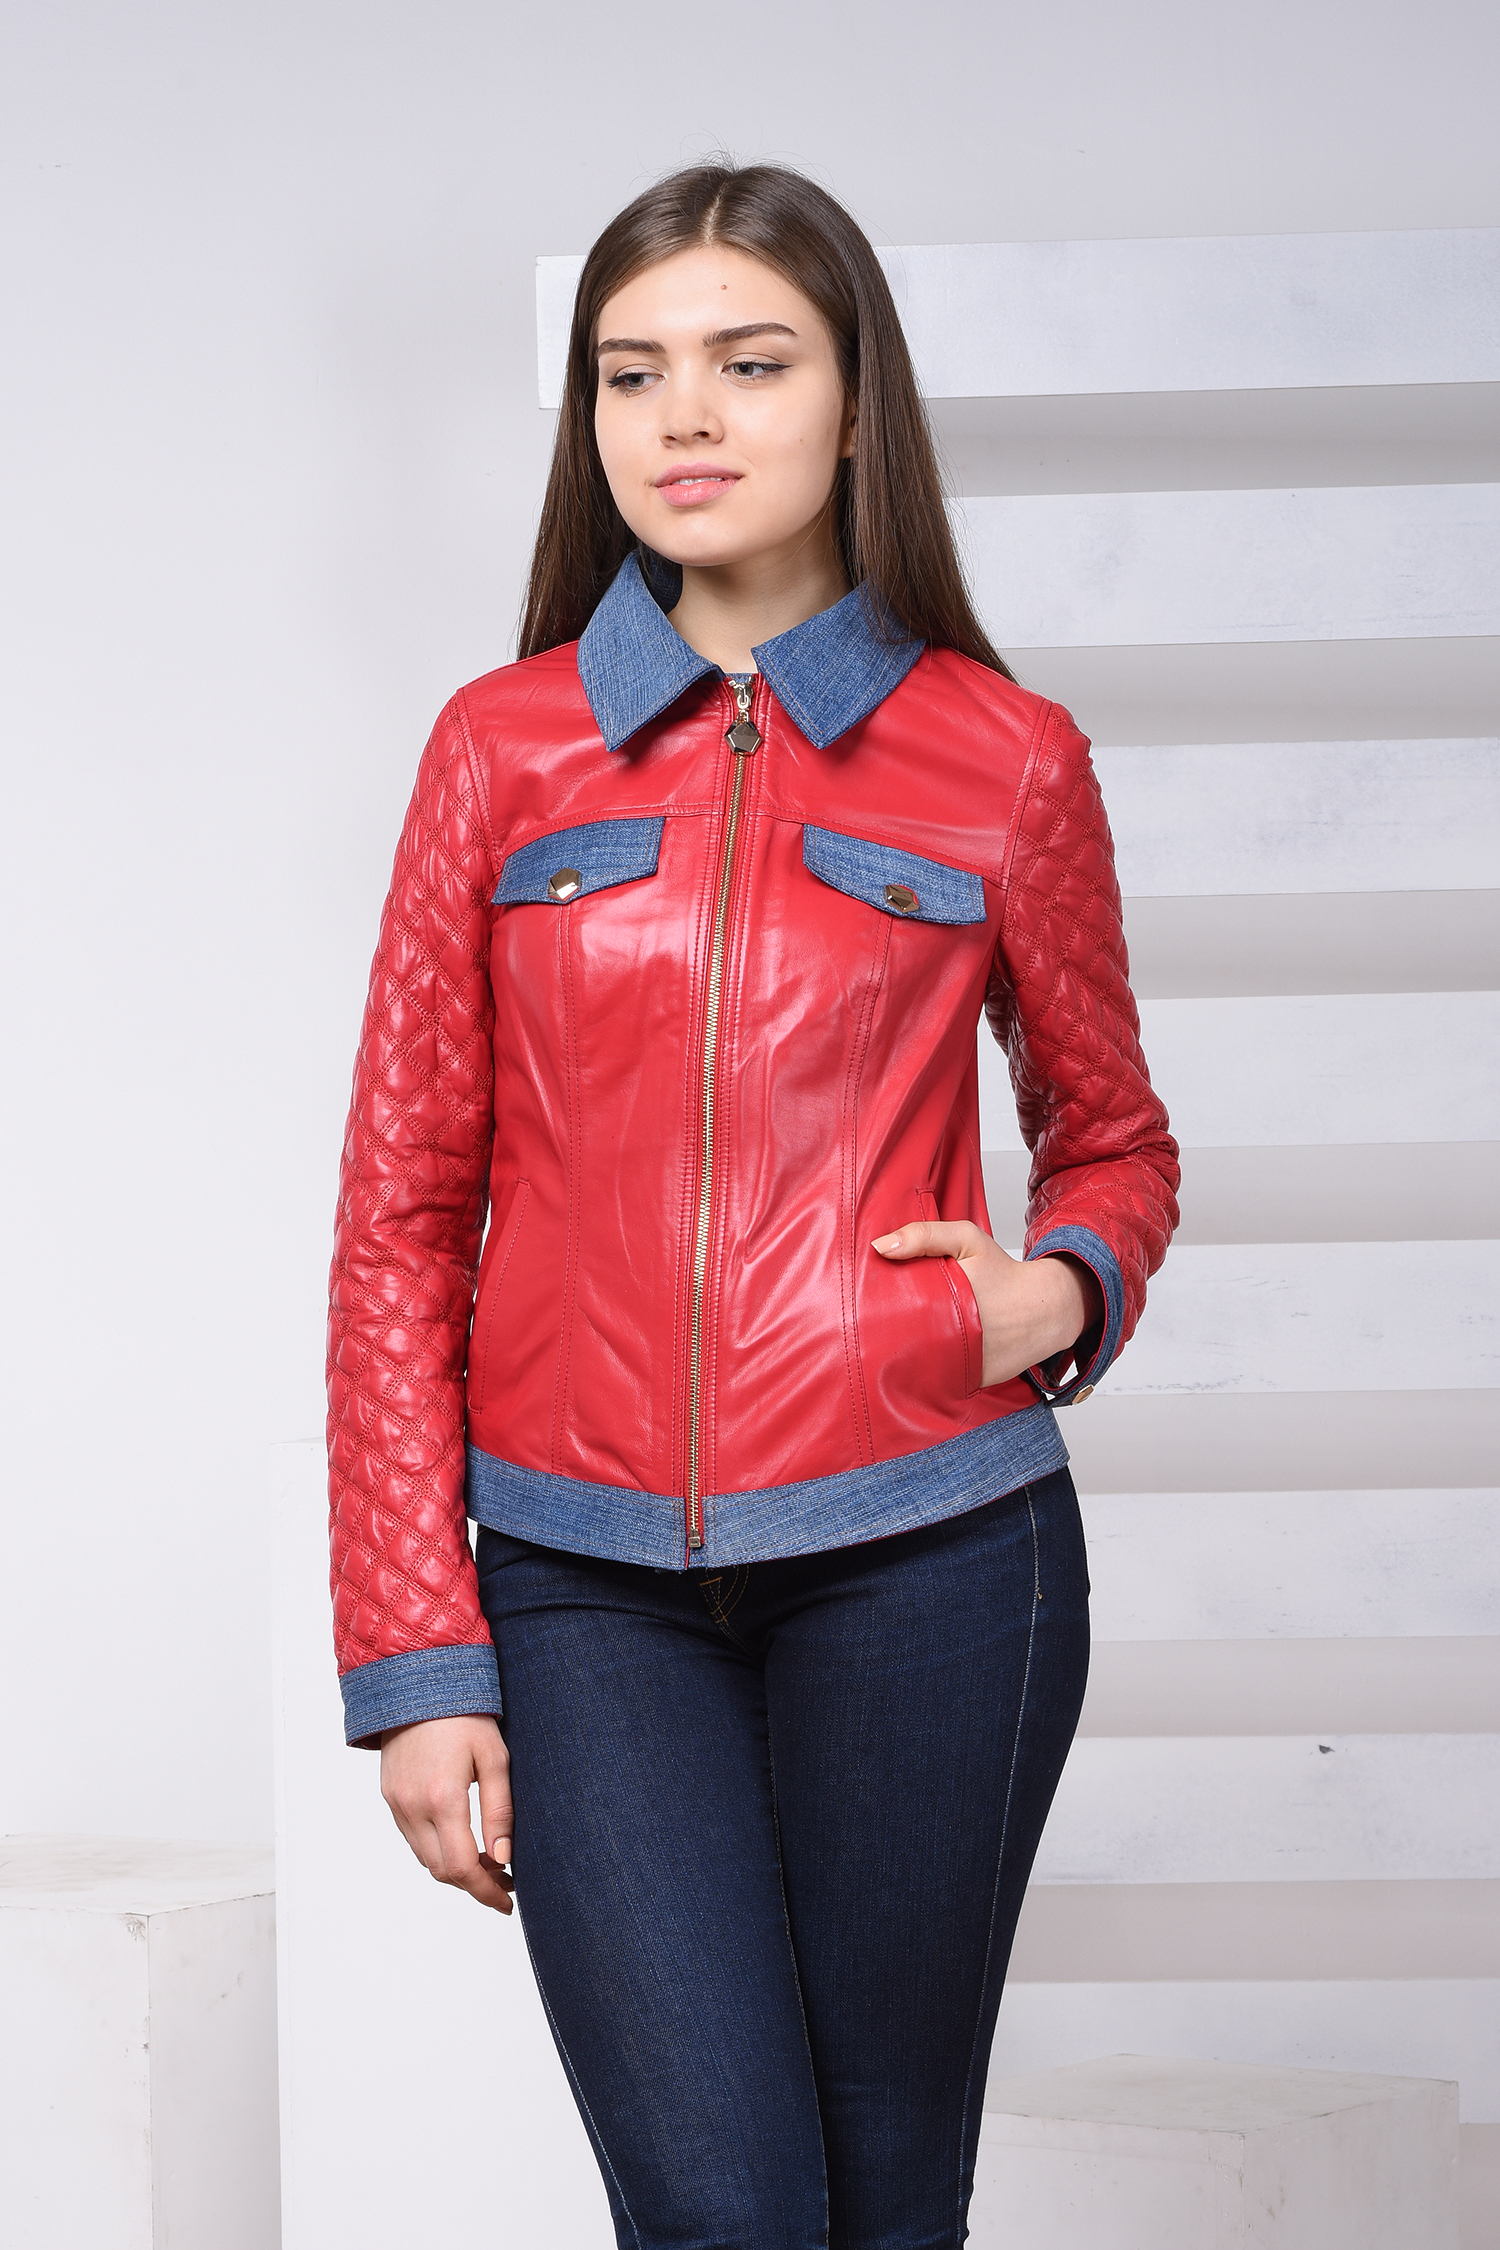 Купить со скидкой Женская кожаная куртка из натуральной кожи с воротником, отделка текстиль